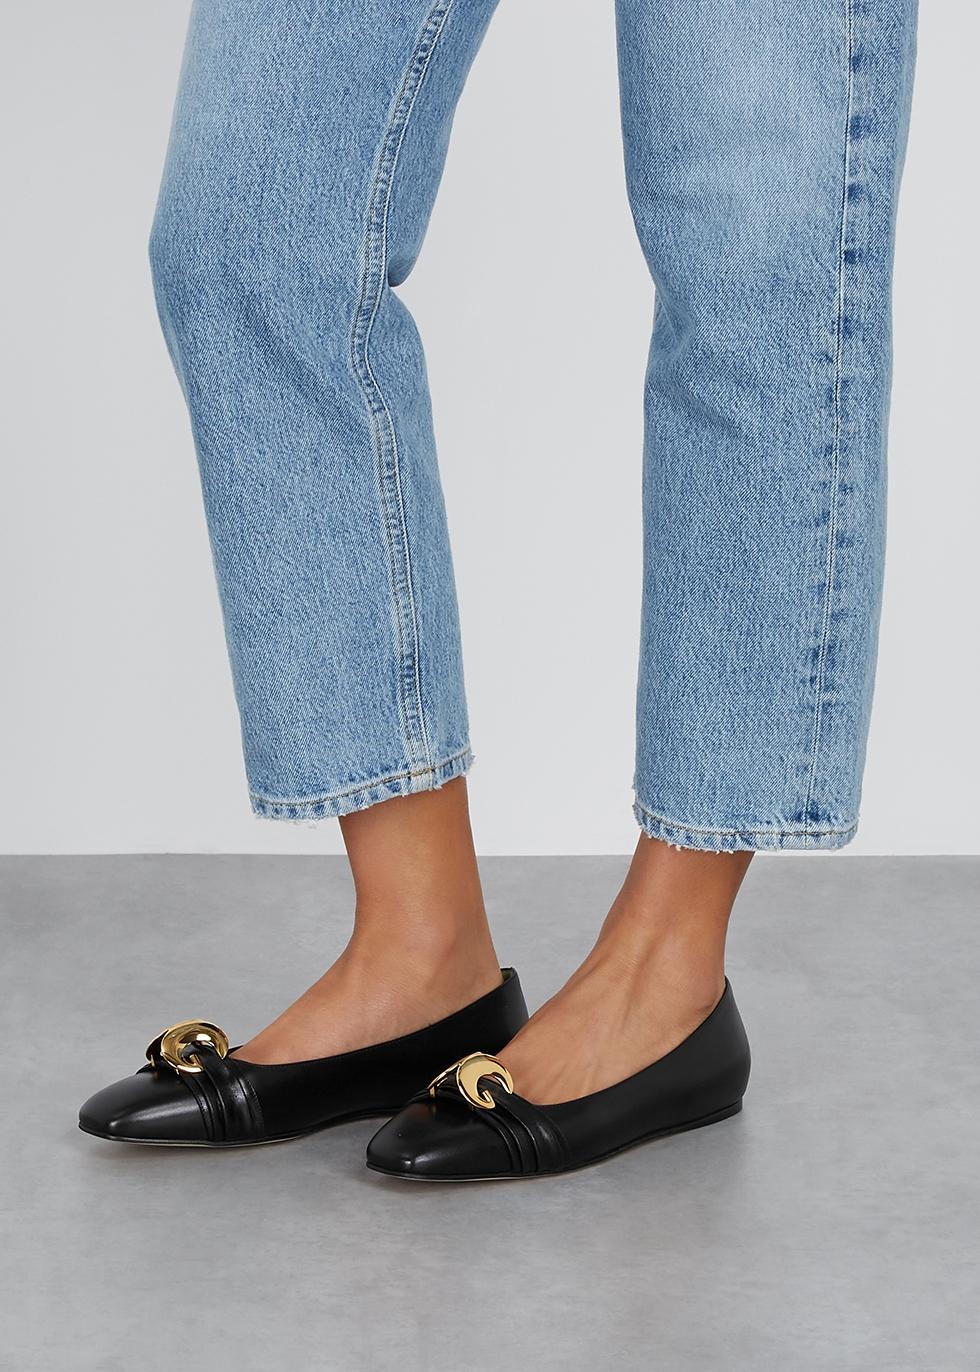 7ef76412efd Gucci Shoes - Womens - Harvey Nichols